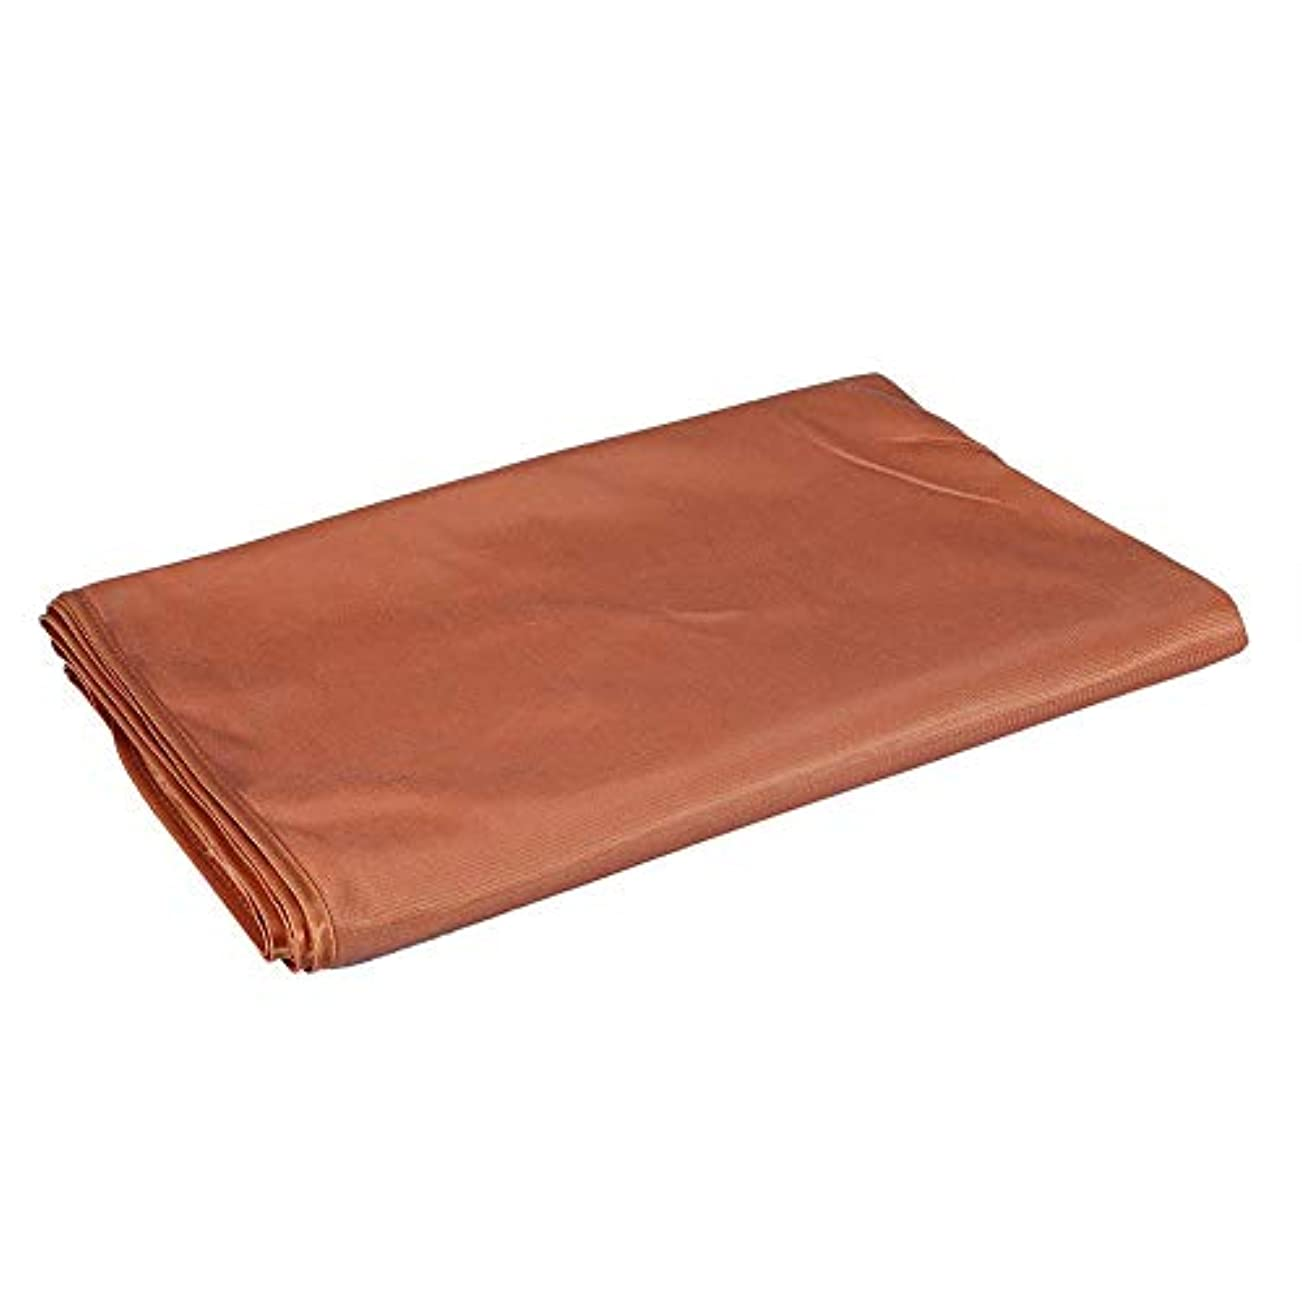 いらいらする茎読む美のマッサージのベッドカバー、表面呼吸穴が付いている柔らかいシートの鉱泉(120 x 200cm-キャメル)